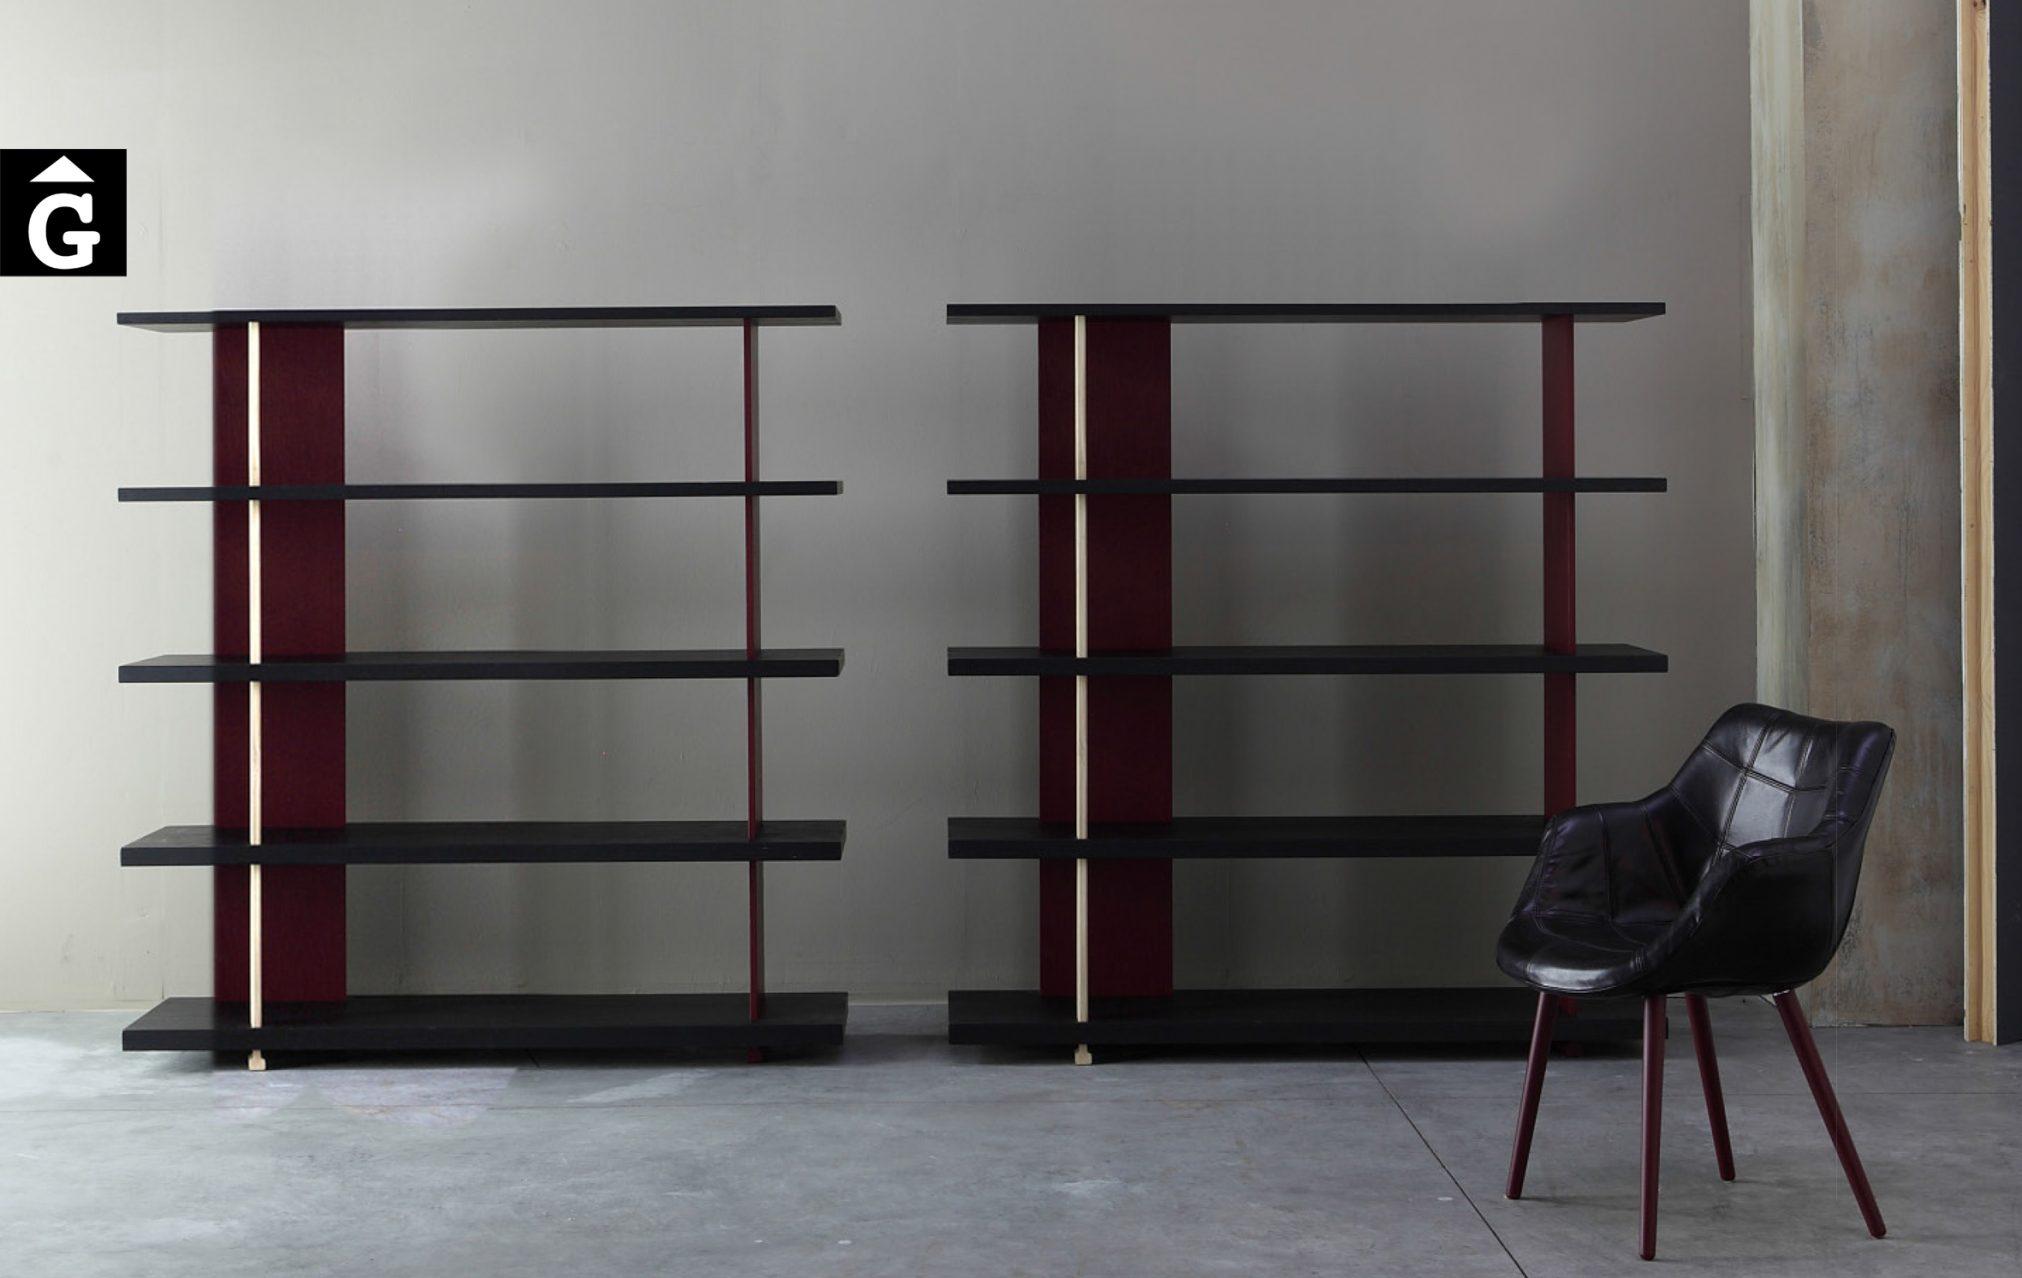 Estanteria roure massís. Devina Nais 13 Estanteries by Mobles GIFREU Girona modern qualitat vanguardia minim elegant atemporal-Recovered